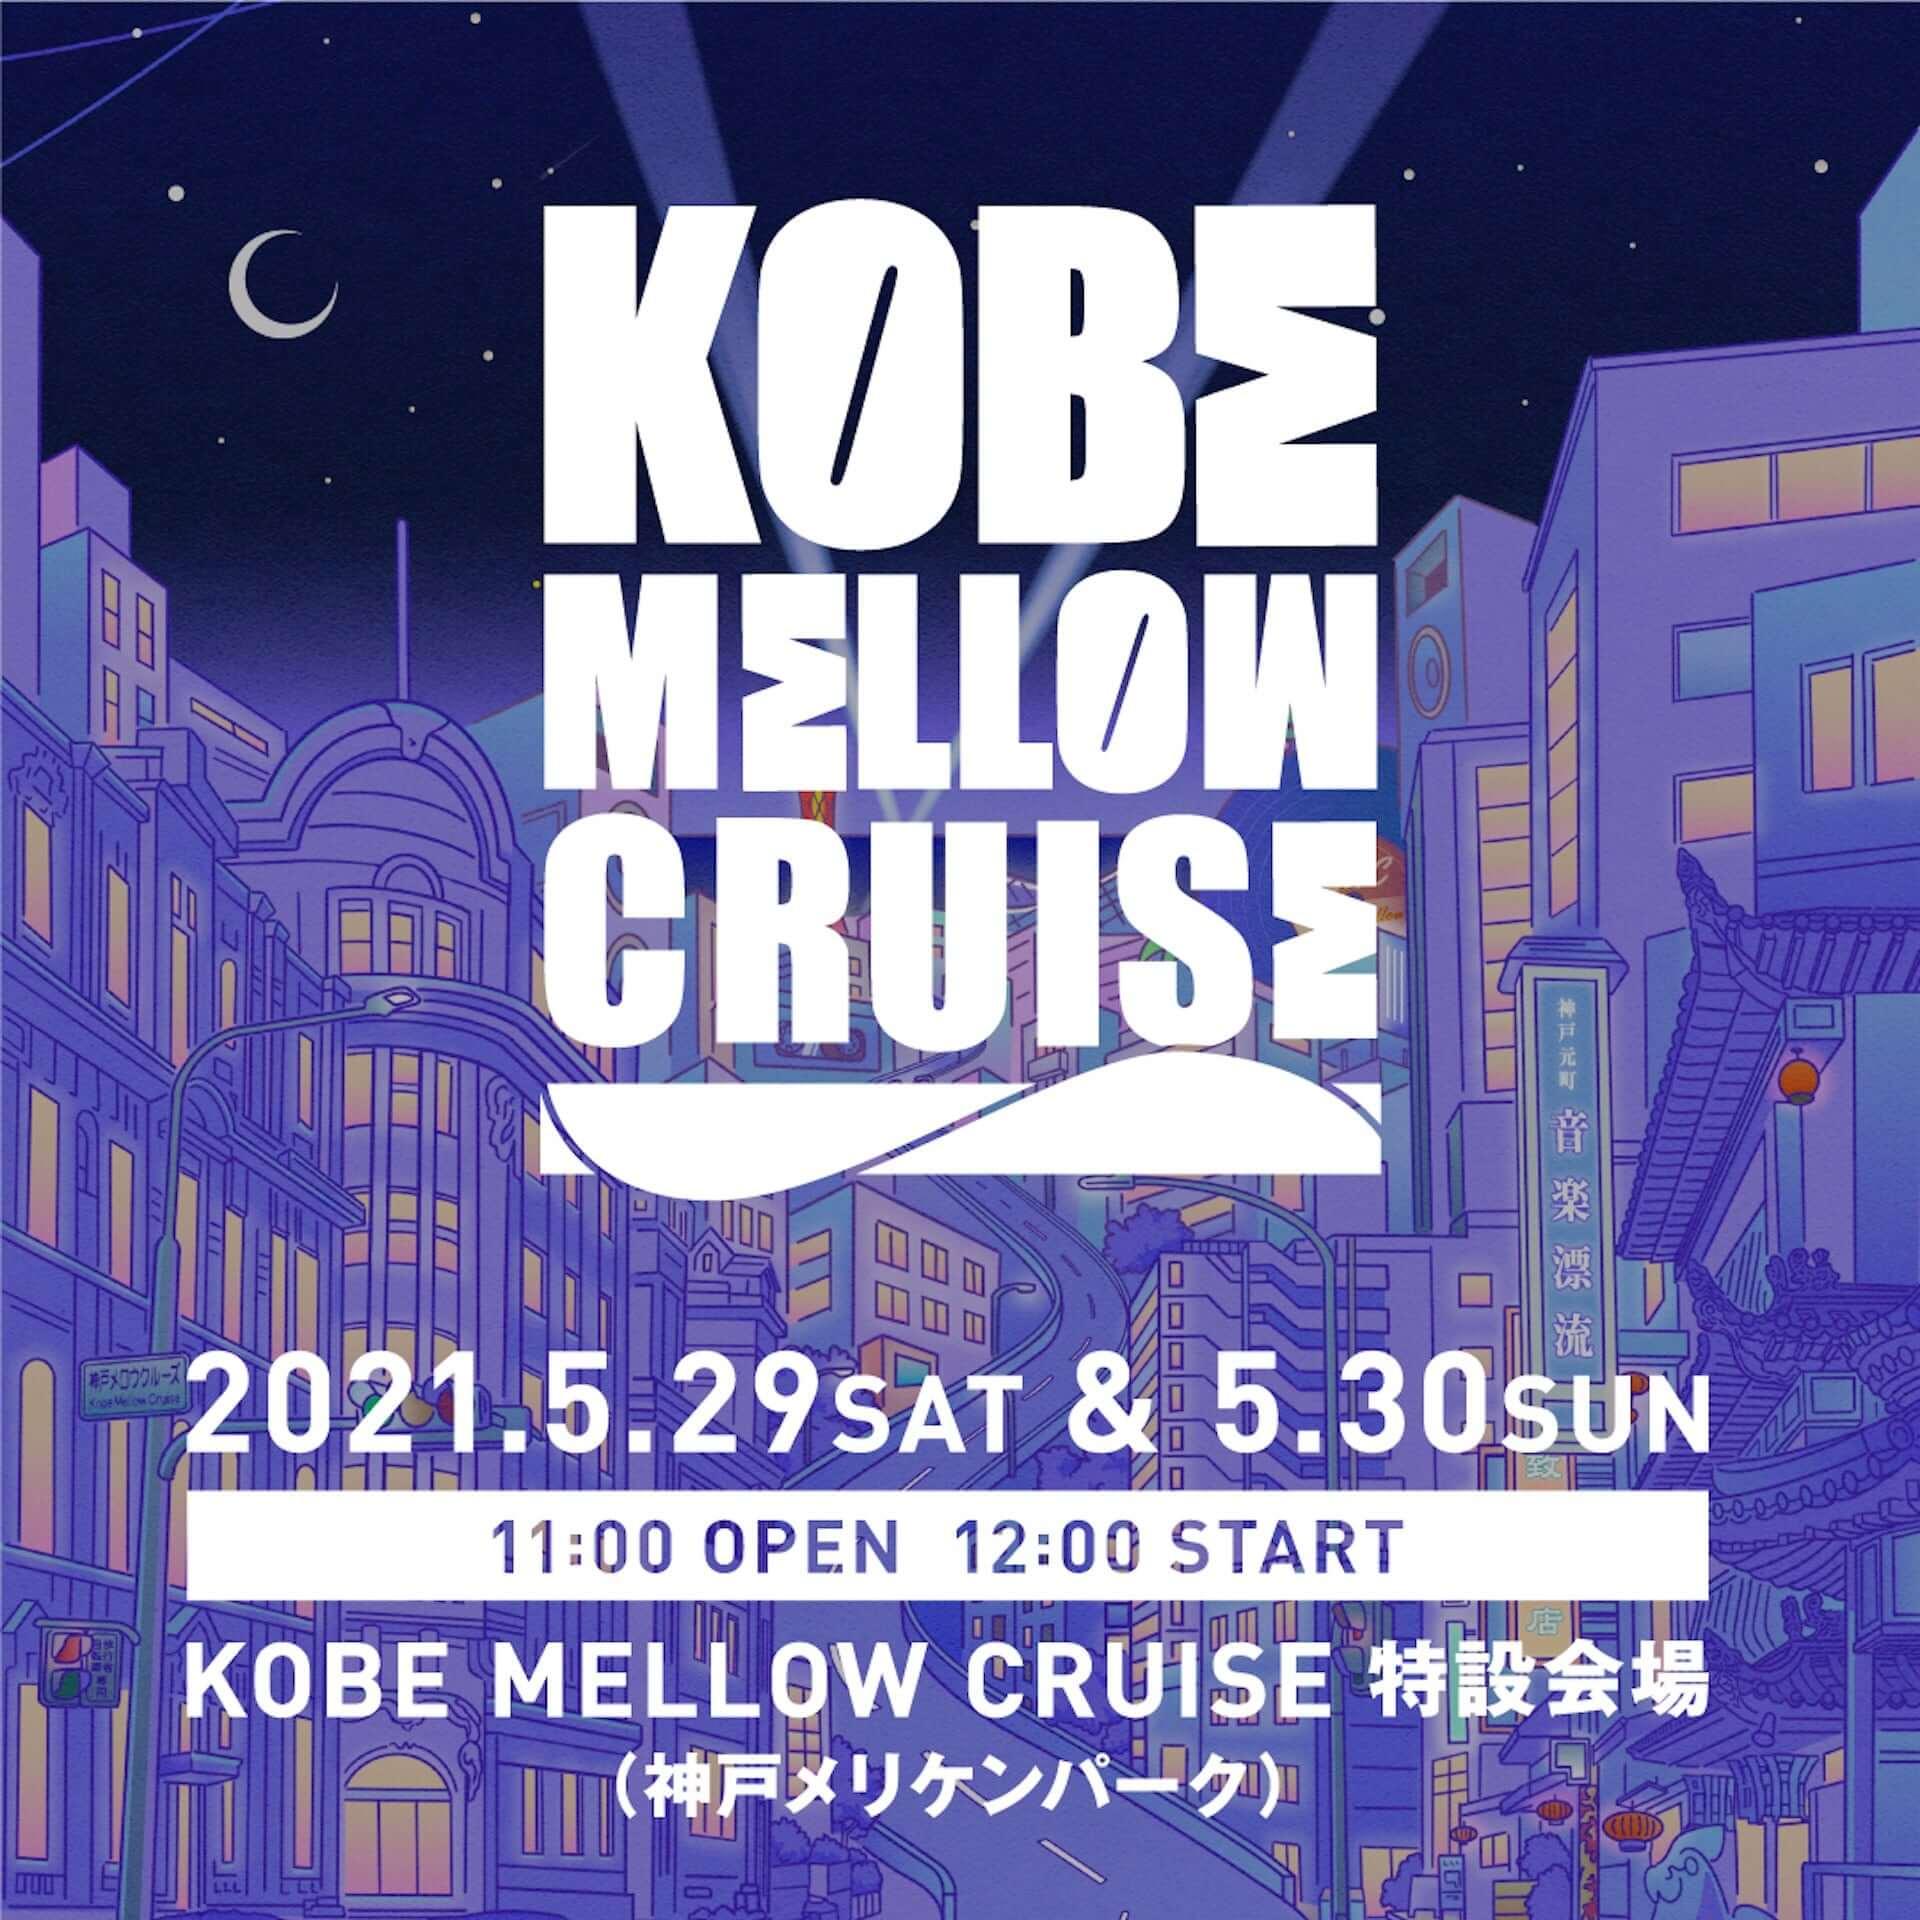 新たな音楽フェス<KOBE MELLOW CRUISE>が神戸メリケンパークで開催決定!舐達麻、PUNPEE、Daichi Yamamoto、Ovallらが出演 music210210_kobe-mellow-cruise_3-1920x1920